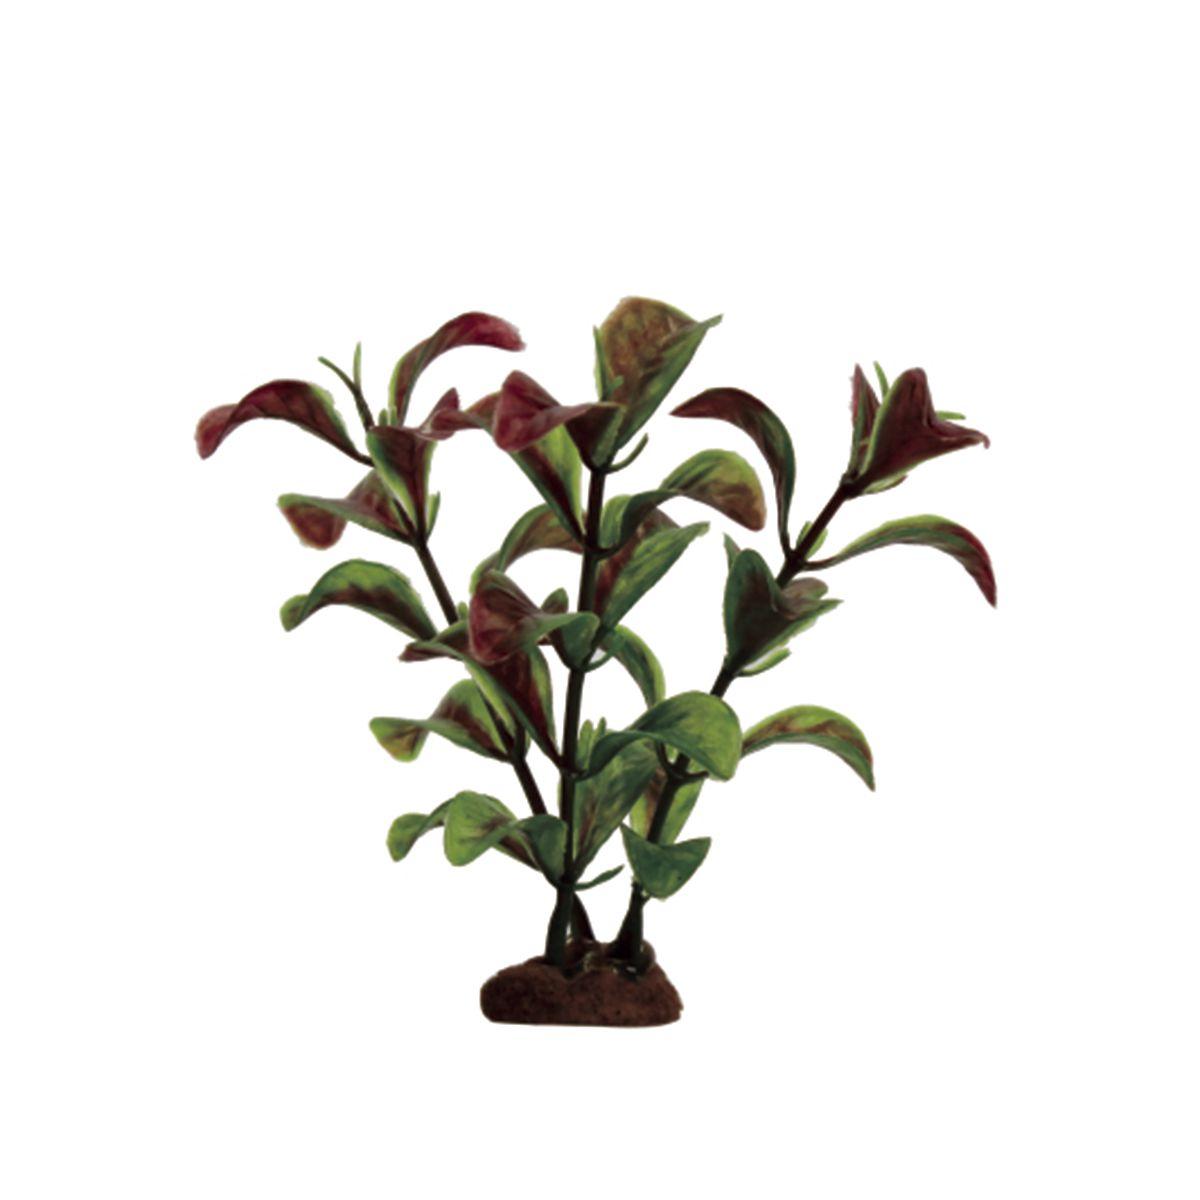 Растение для аквариума ArtUniq Людвигия красно-зеленая, высота 10 см, 6 штART-1170522Растение для аквариума ArtUniq Людвигия красно-зеленая, высота 10 см, 6 шт